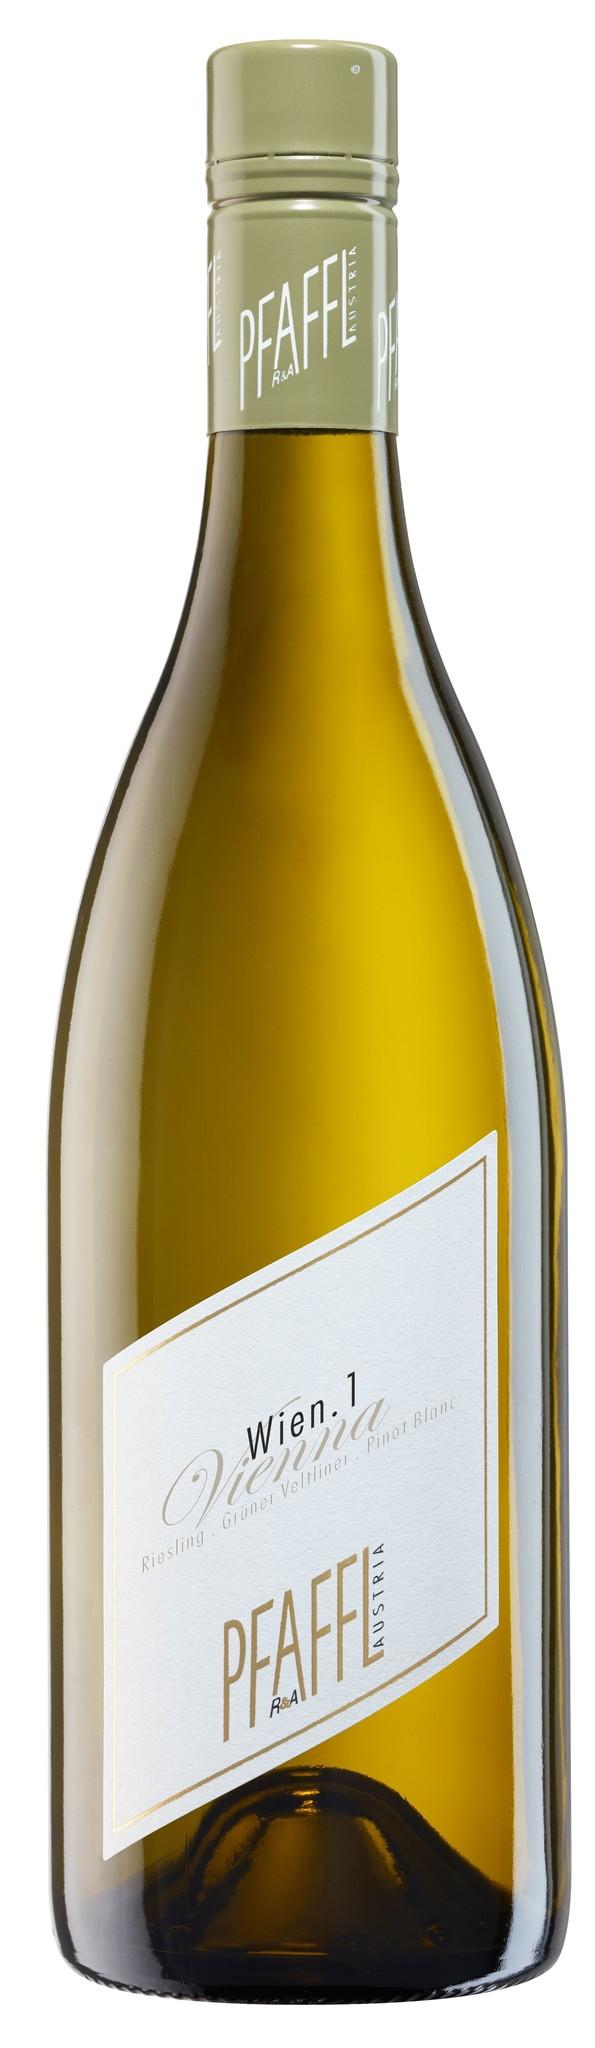 Pfaffl - Weinviertel & Wien 2020 Wien.1 Riesling/Gr.Velt./Pinot Blanc, Pfaffl